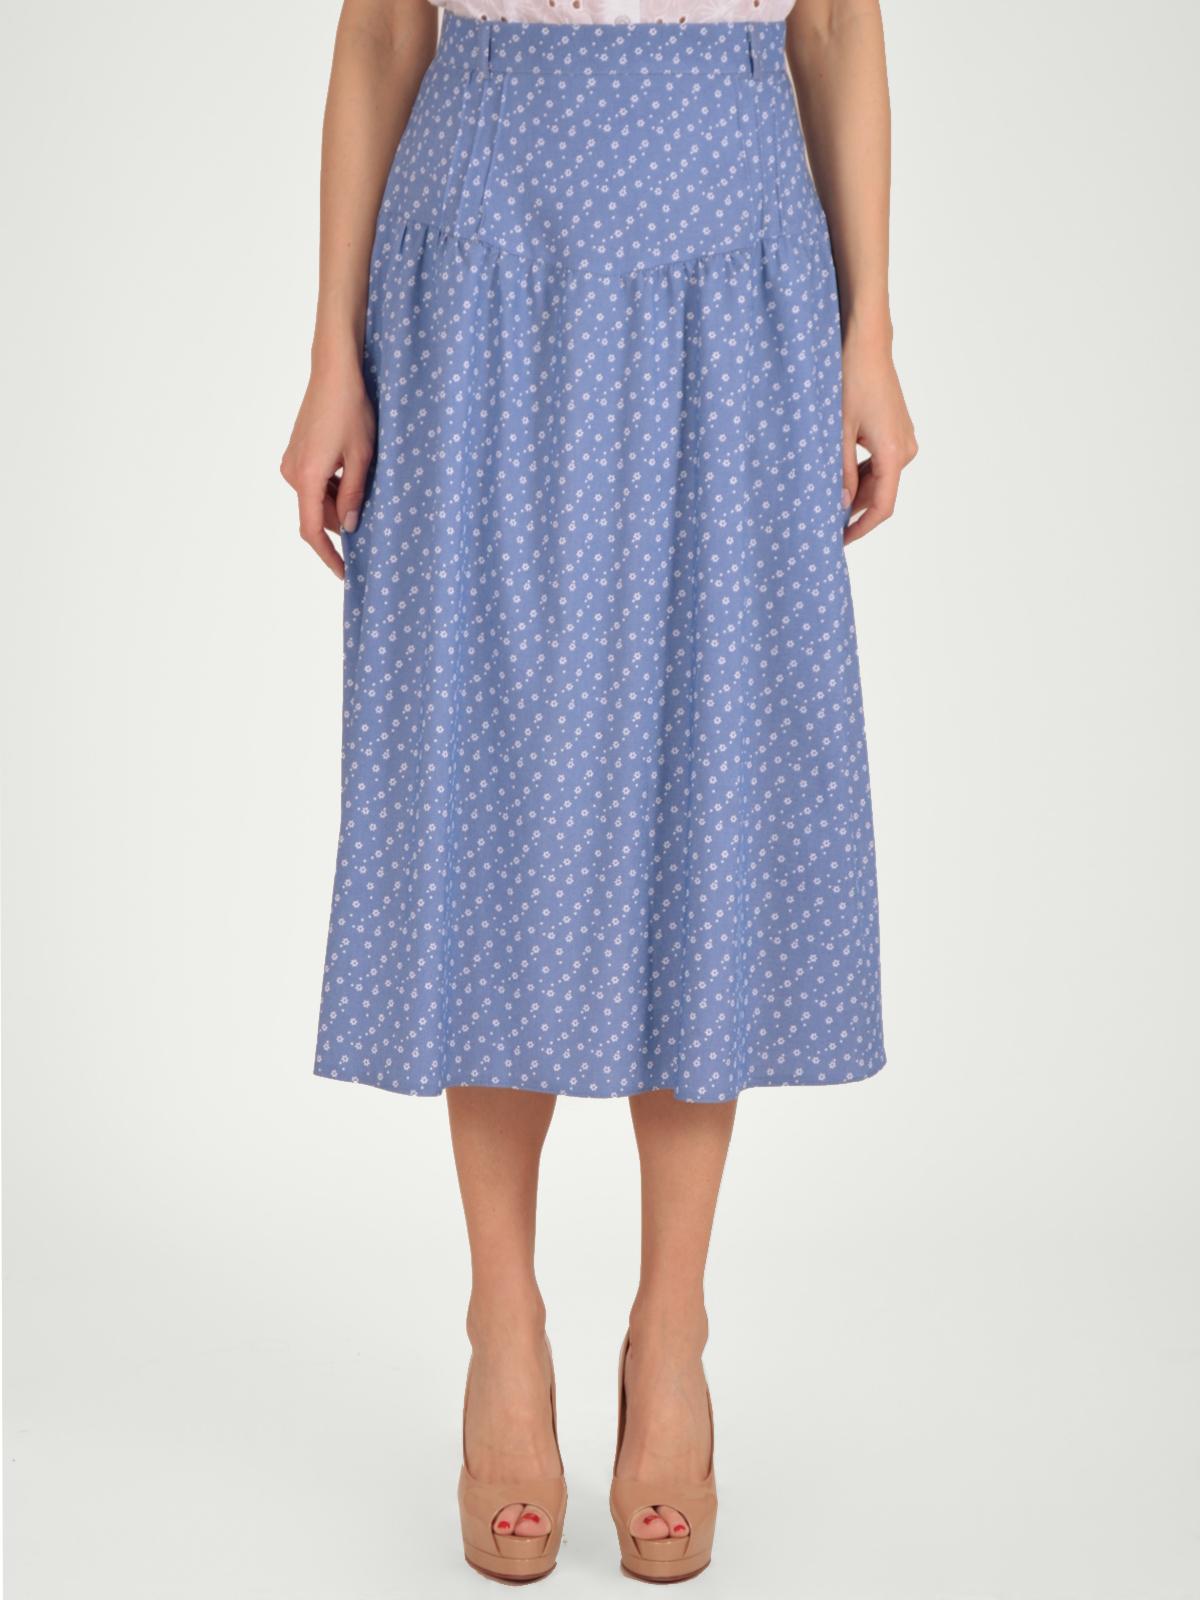 Купить Юбка женская из текстиля, МОСМЕХА, серо-голубой, 5200064